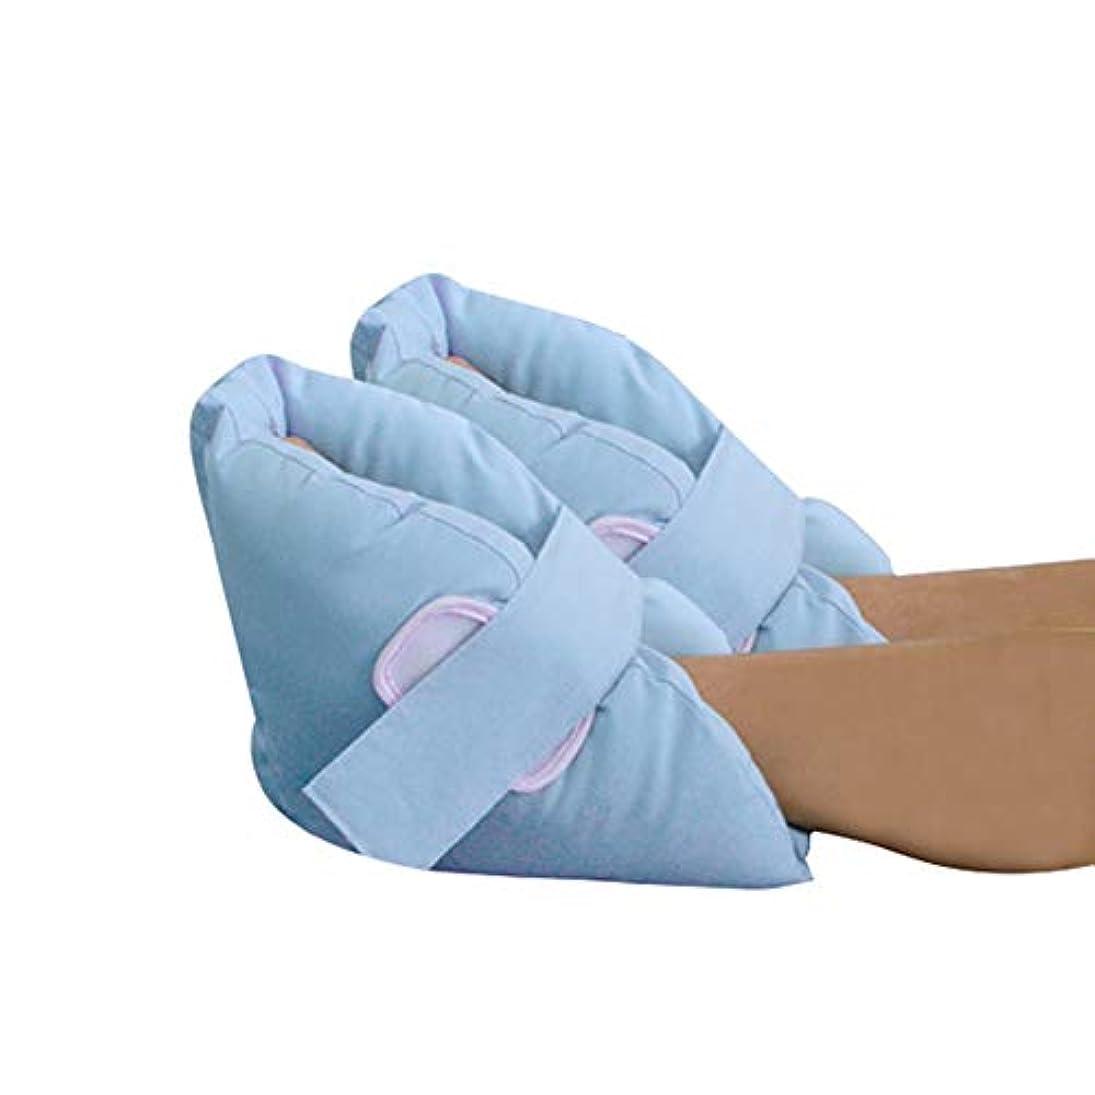 湖保守可能テクニカルソフト慰めヒールプロテクター枕、足首サポート枕フットプロテクション、1ペア、ライトブルー